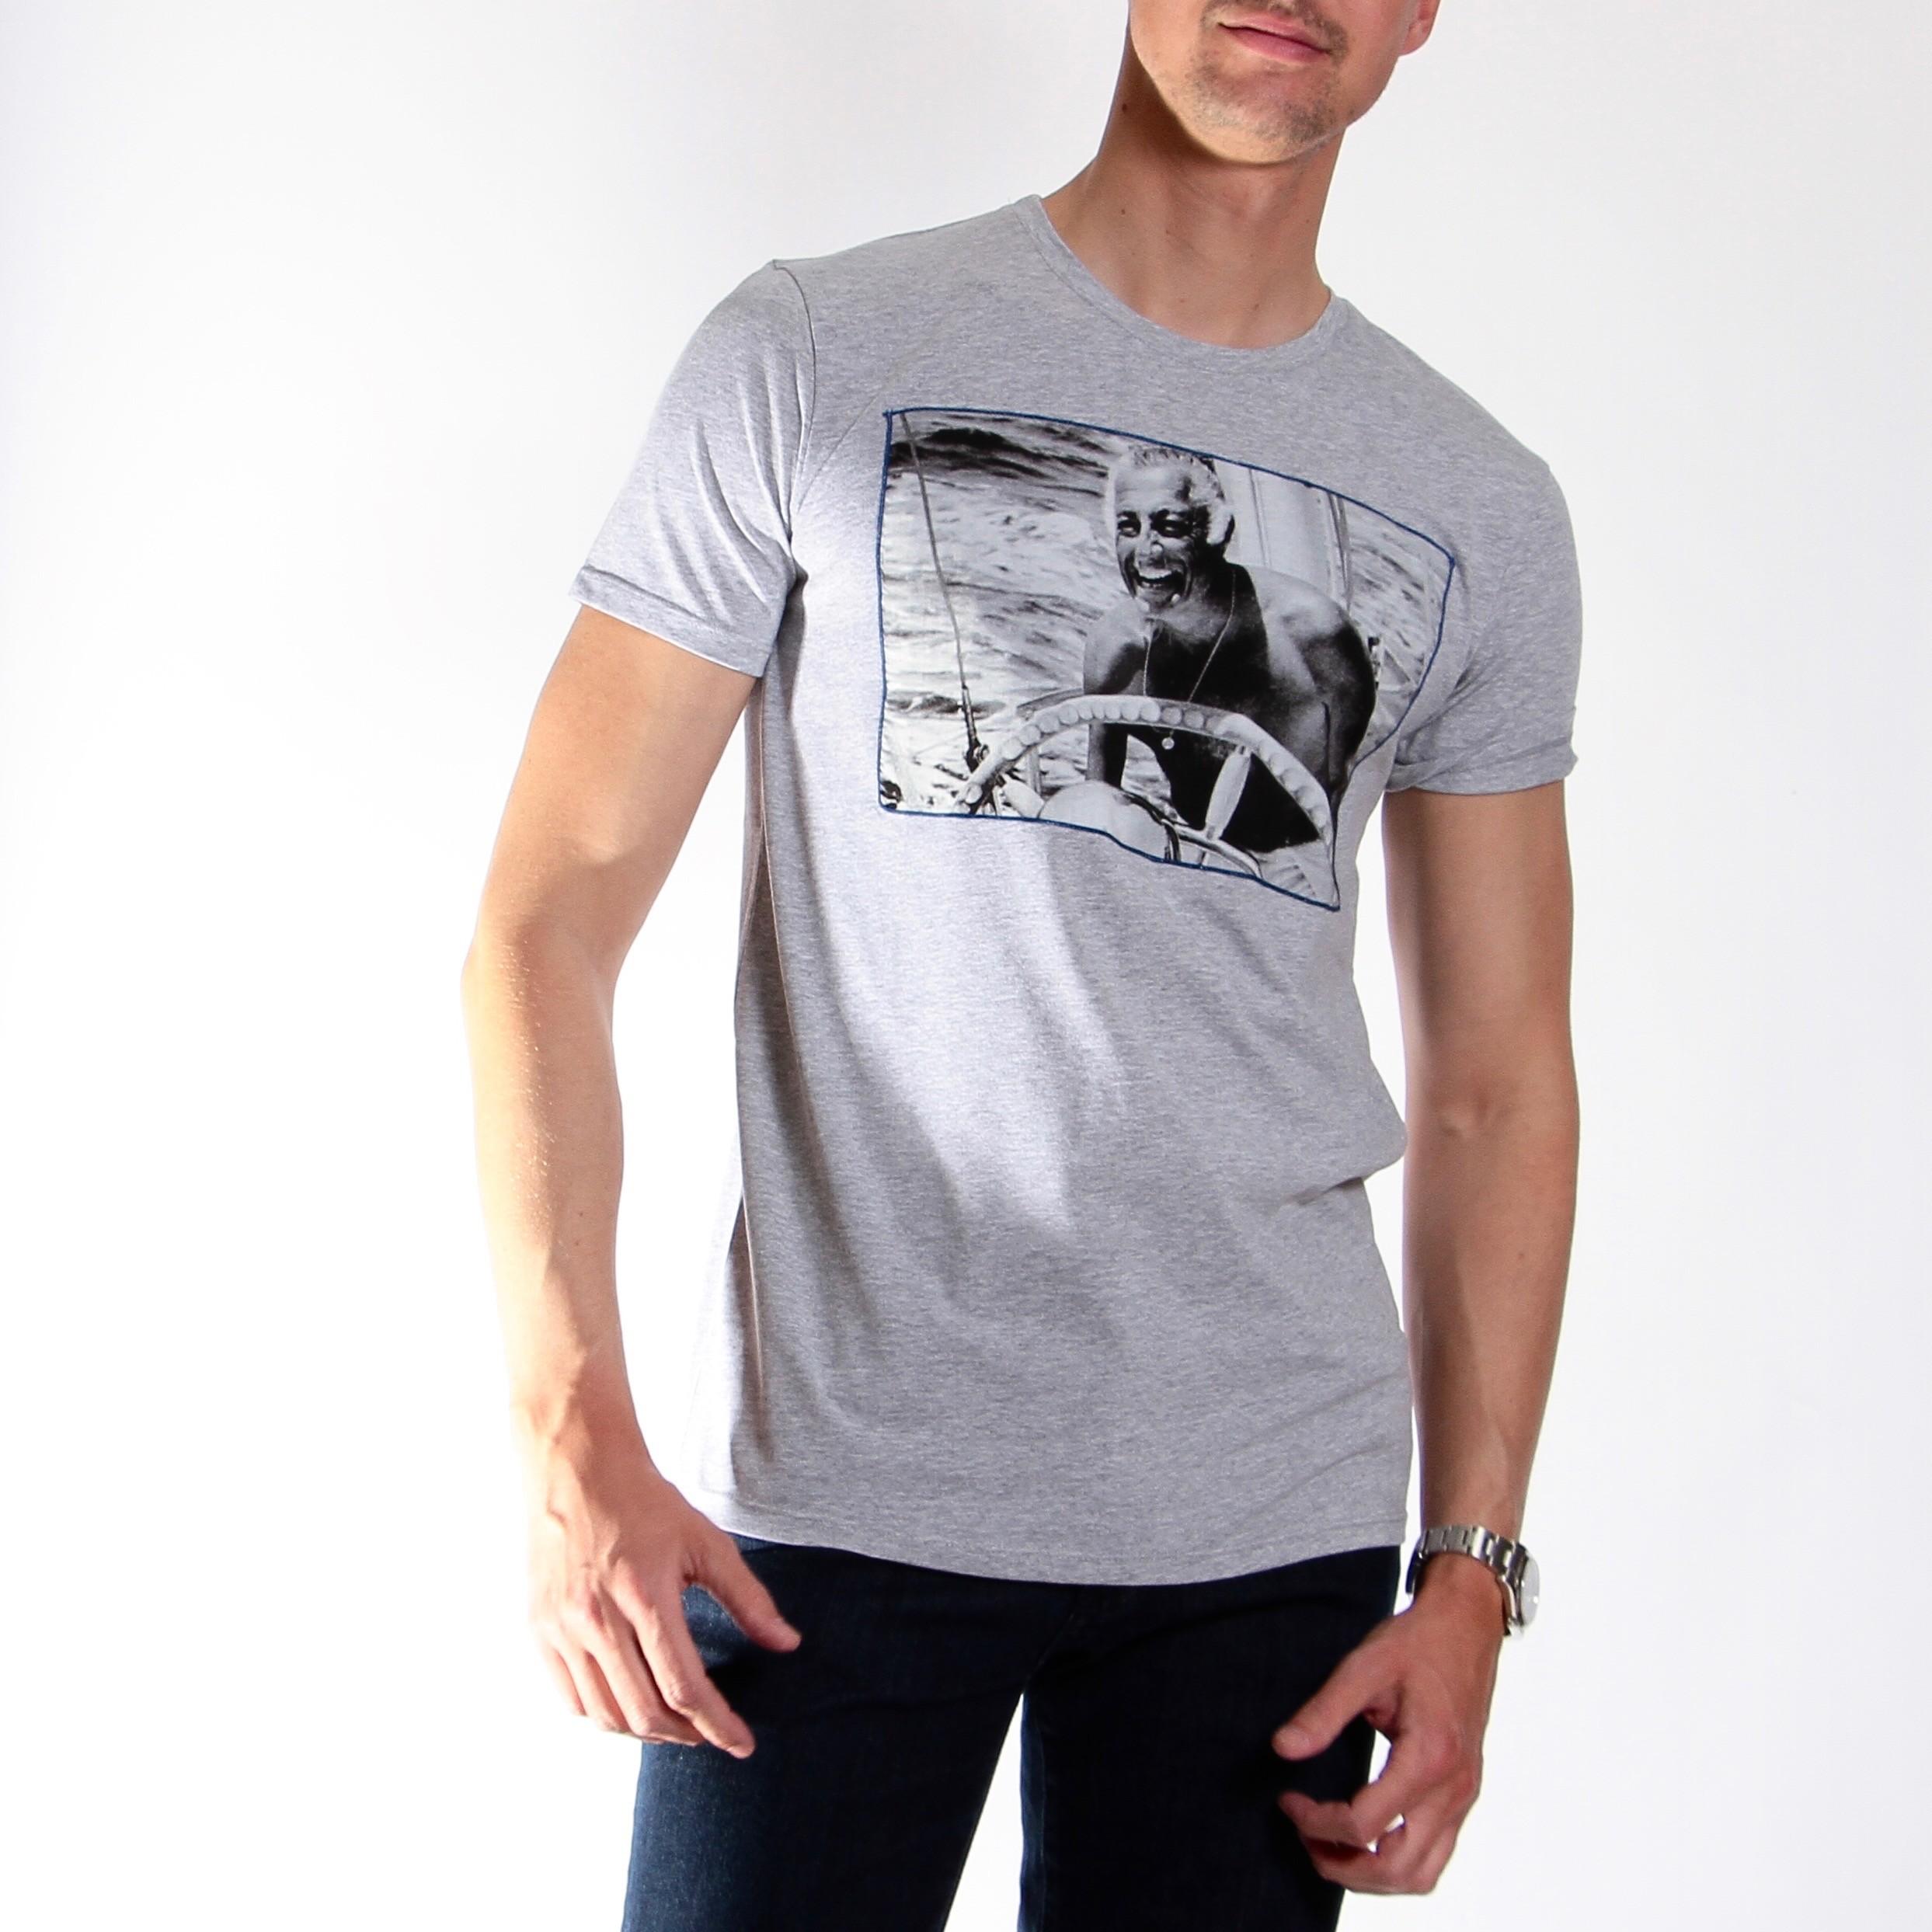 Tee-shirt Stampa : gris - coton (Tee-shirt)